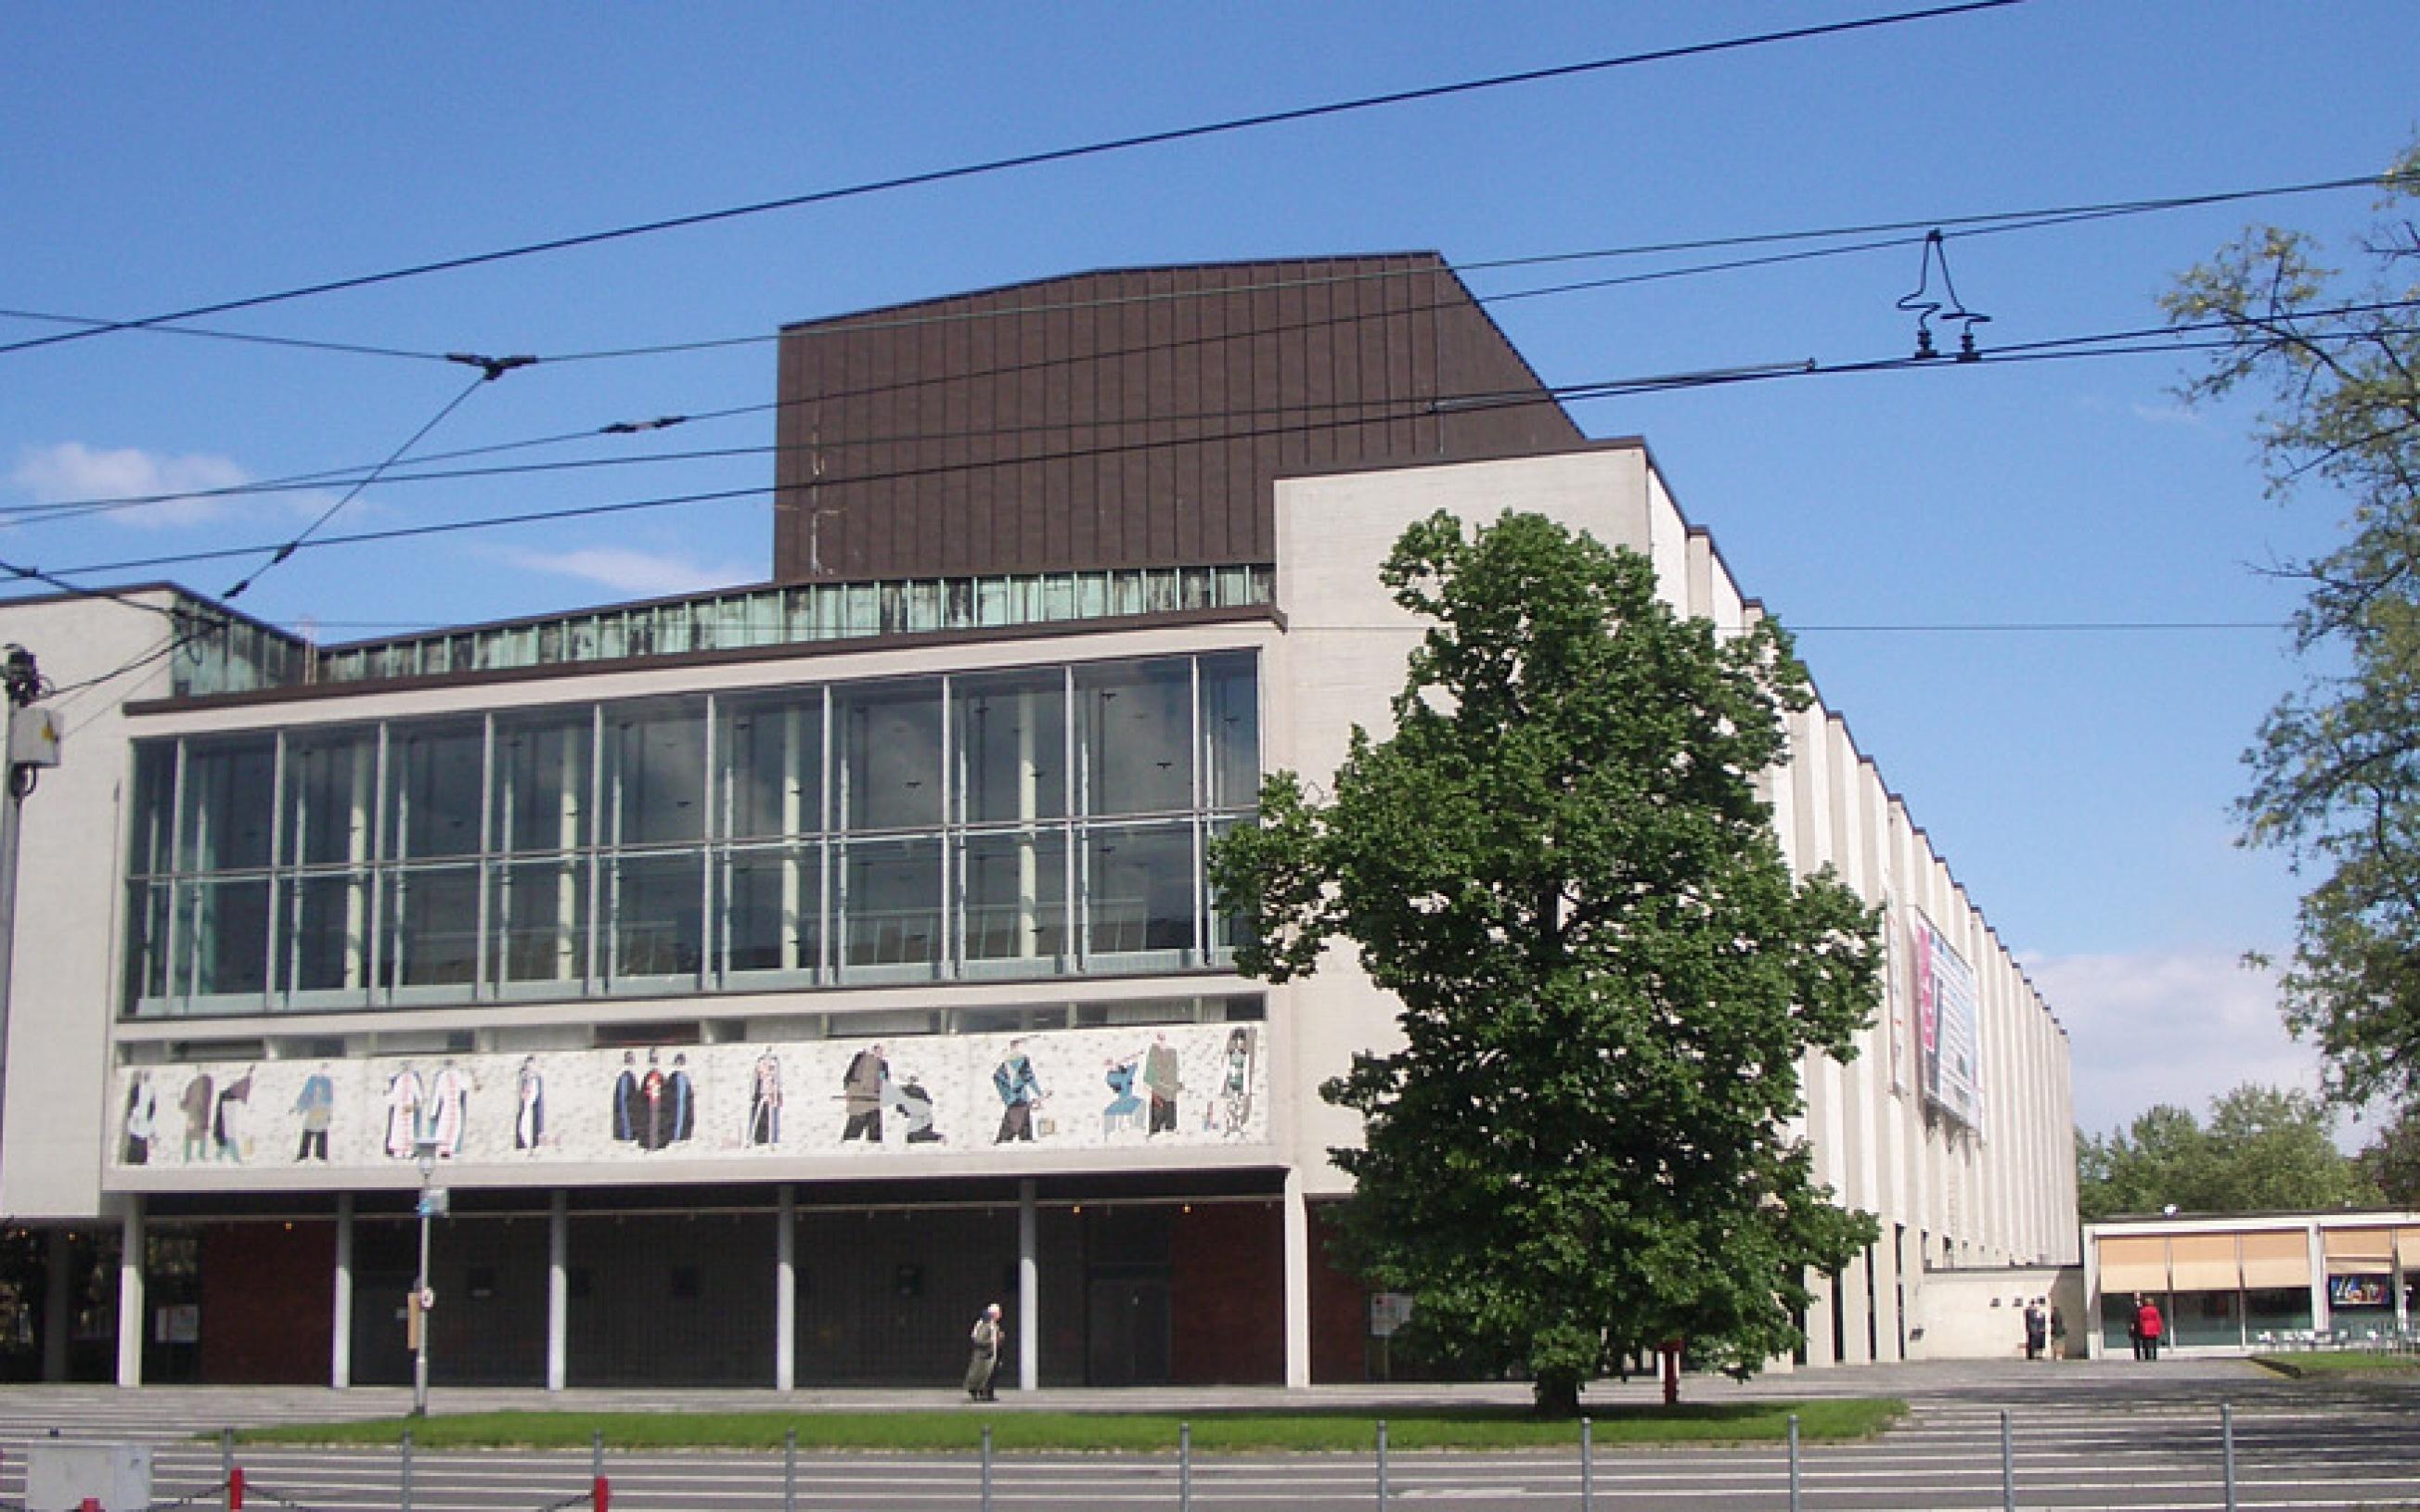 Das Foto zeigt die im allgemeinen Stadtbild unauffällige West-Fassade des Mannheimer Nationaltheaters. Der Besucher